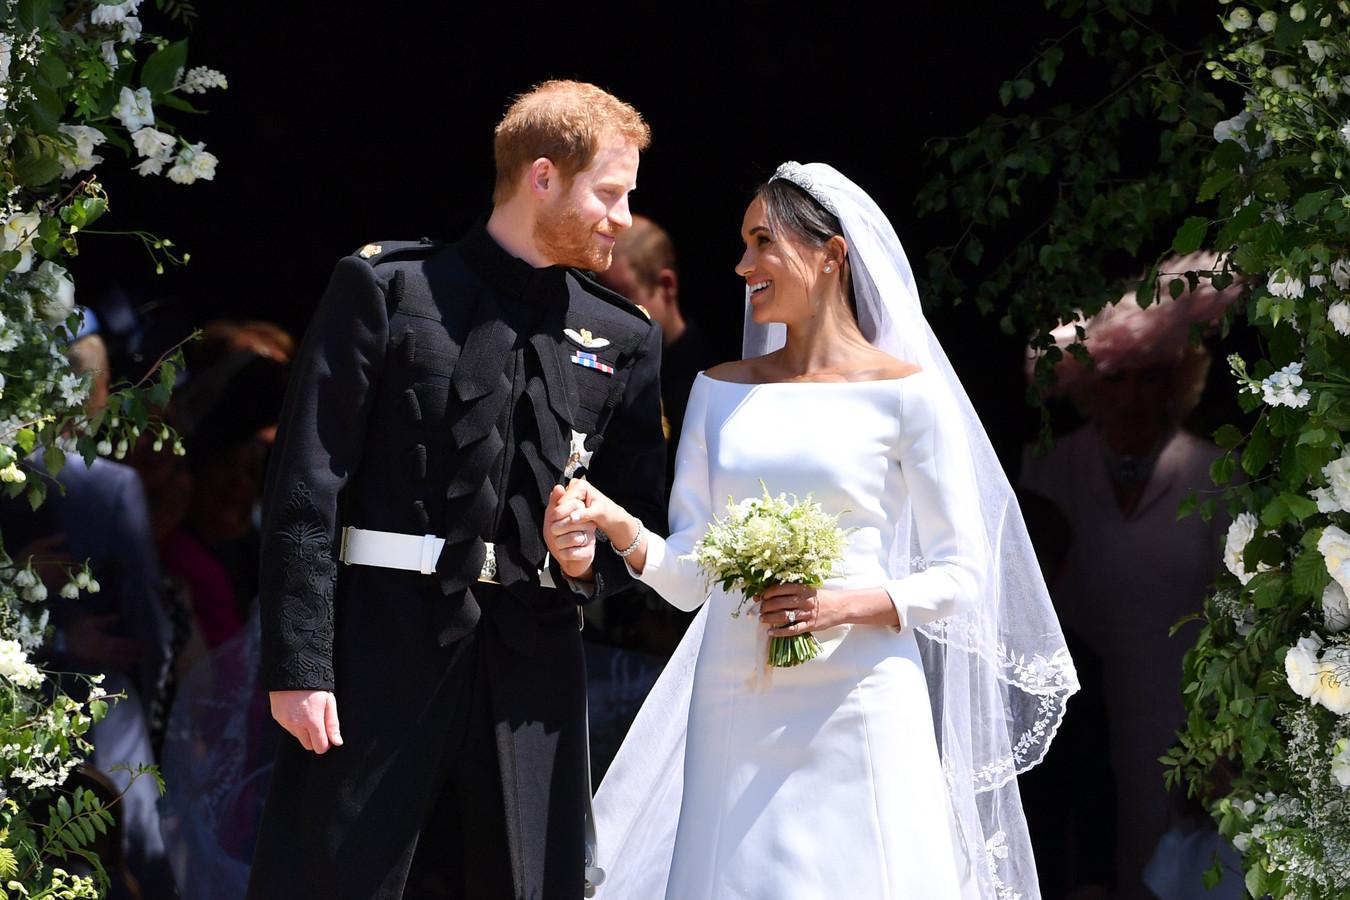 Le prince Harry et Meghan Markle lors de leur mariage en 2018